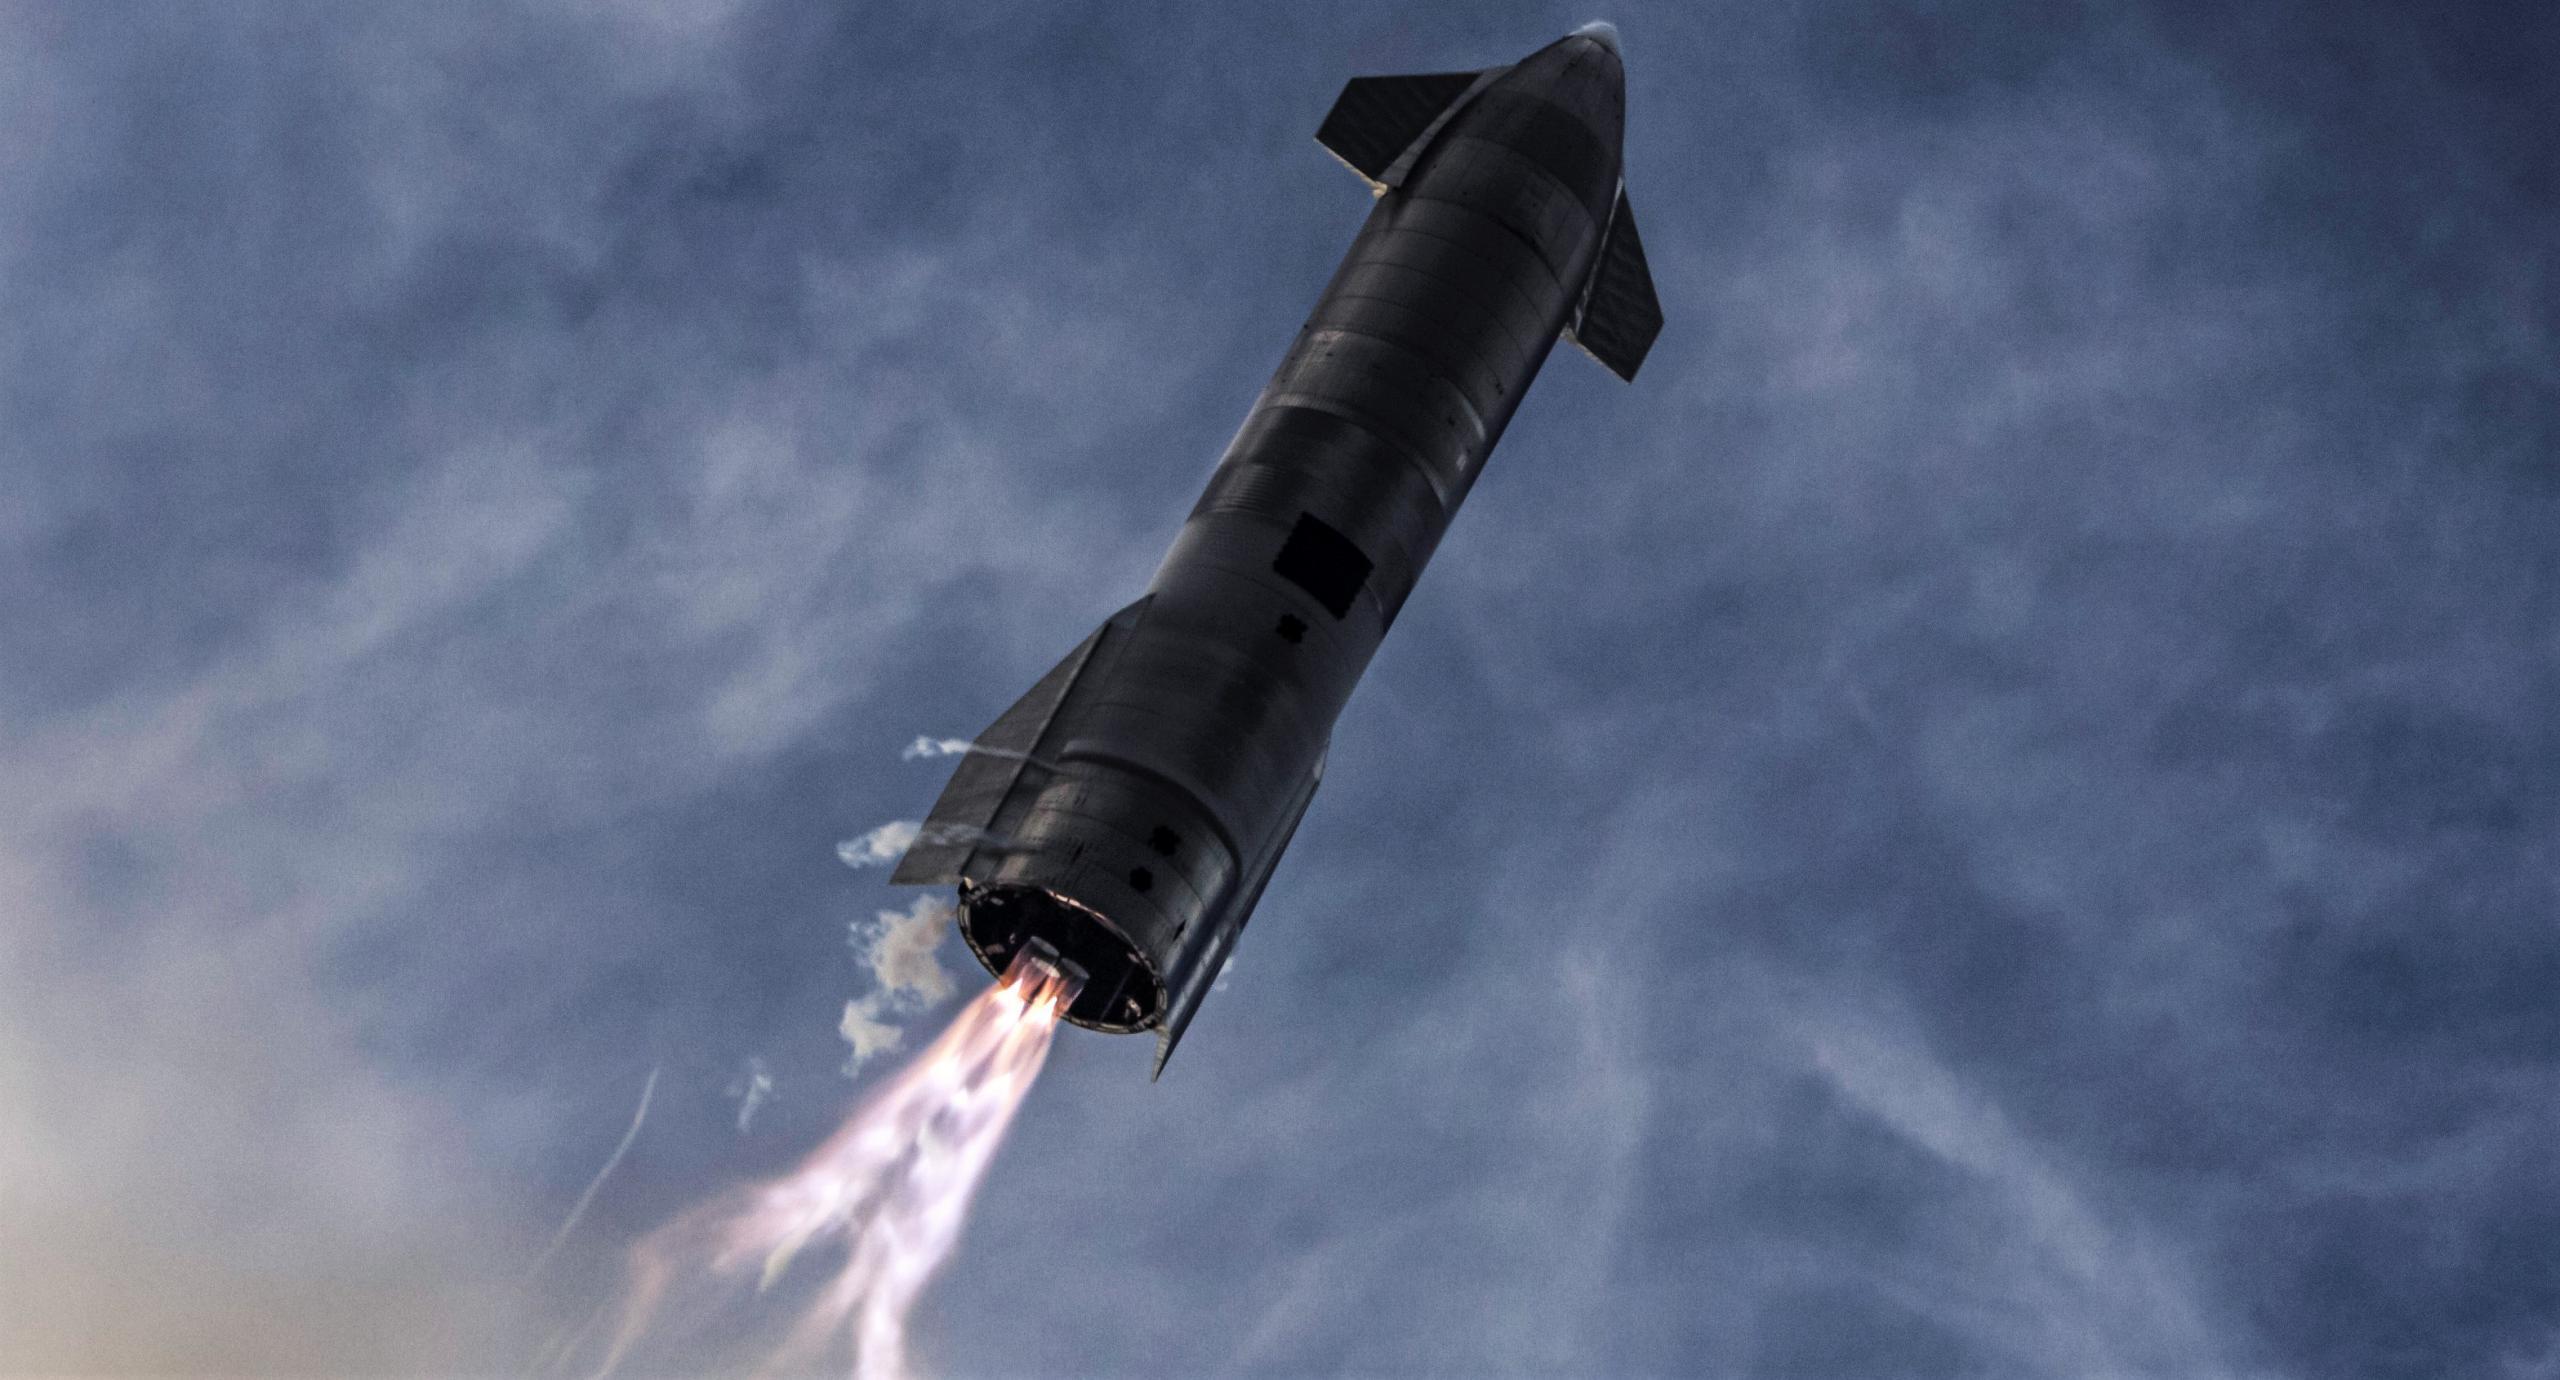 Starship SN10 030221 (SpaceX) flip burn 1 crop (c)